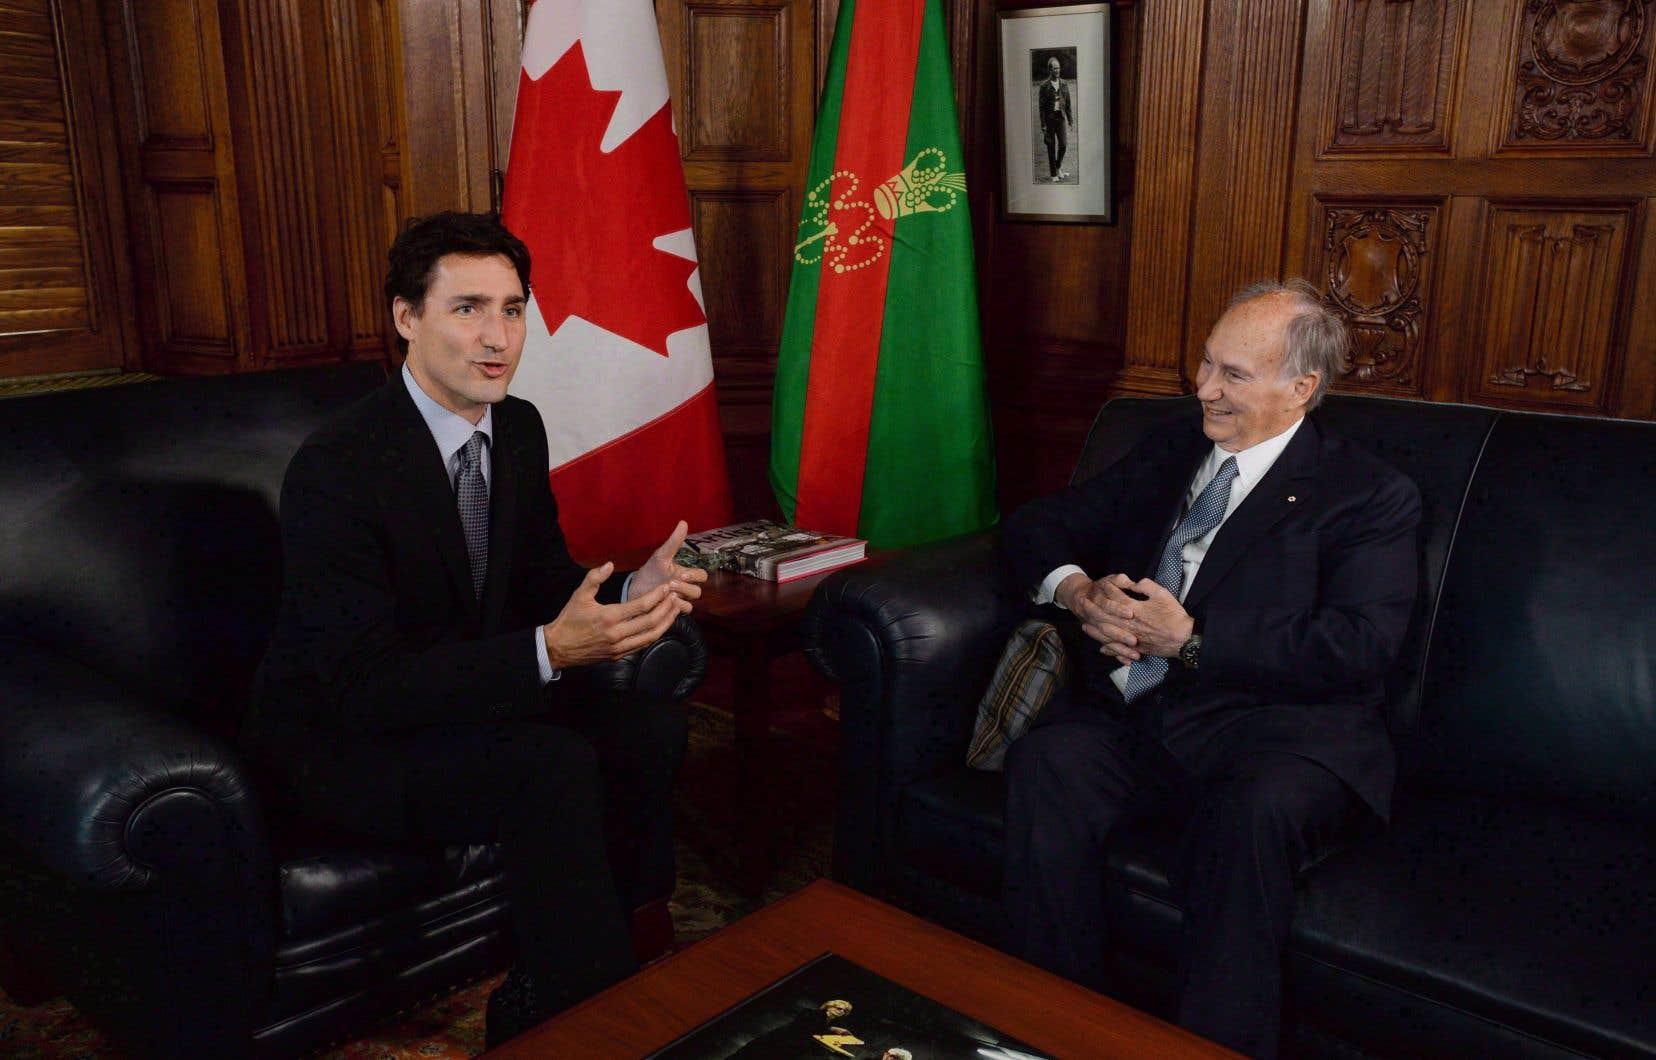 En acceptant un voyage sur l'île privée de l'Aga Khan (à droite), Justin Trudeau a contrevenu à la Loi sur les conflits d'intérêts.